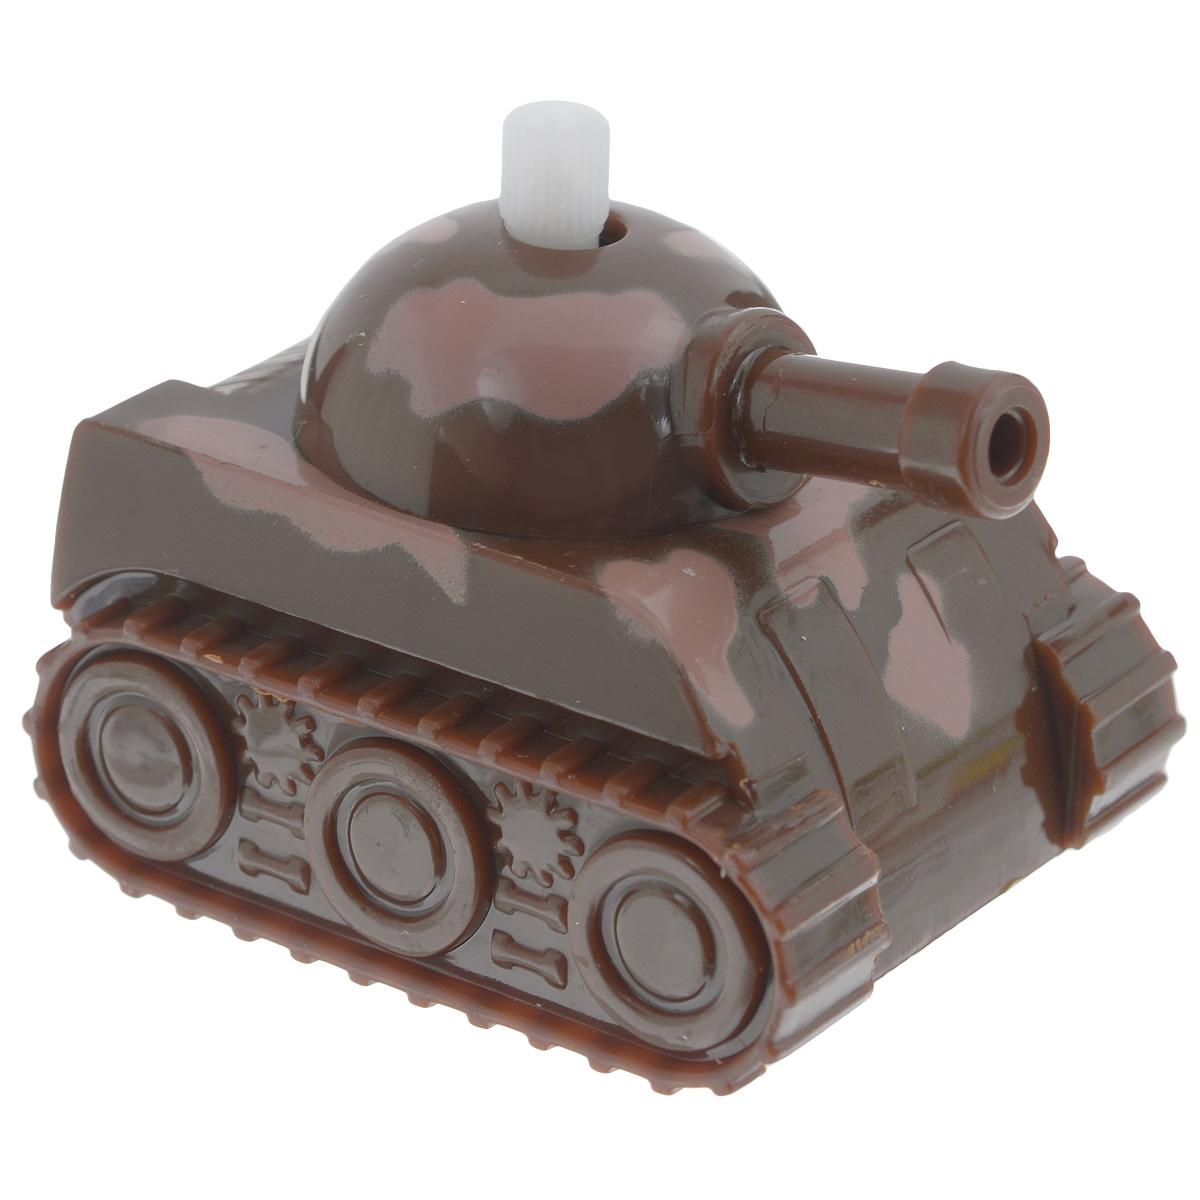 Игрушка заводная Танчик, цвет: коричневый2K-06BD_ коричневыйИгрушка Hans Танчик привлечет внимание вашего малыша и не позволит ему скучать! Выполненная из безопасного пластика, игрушка представляет собой танк. Игрушка имеет механический завод. Для запуска, придерживая колеса, поверните заводной ключ по часовой стрелке до упора. Установите игрушку на поверхность и она поедет вперед. Заводная игрушка Hans Танчик поможет ребенку в развитии воображения, мелкой моторики рук, концентрации внимания и цветового восприятия.